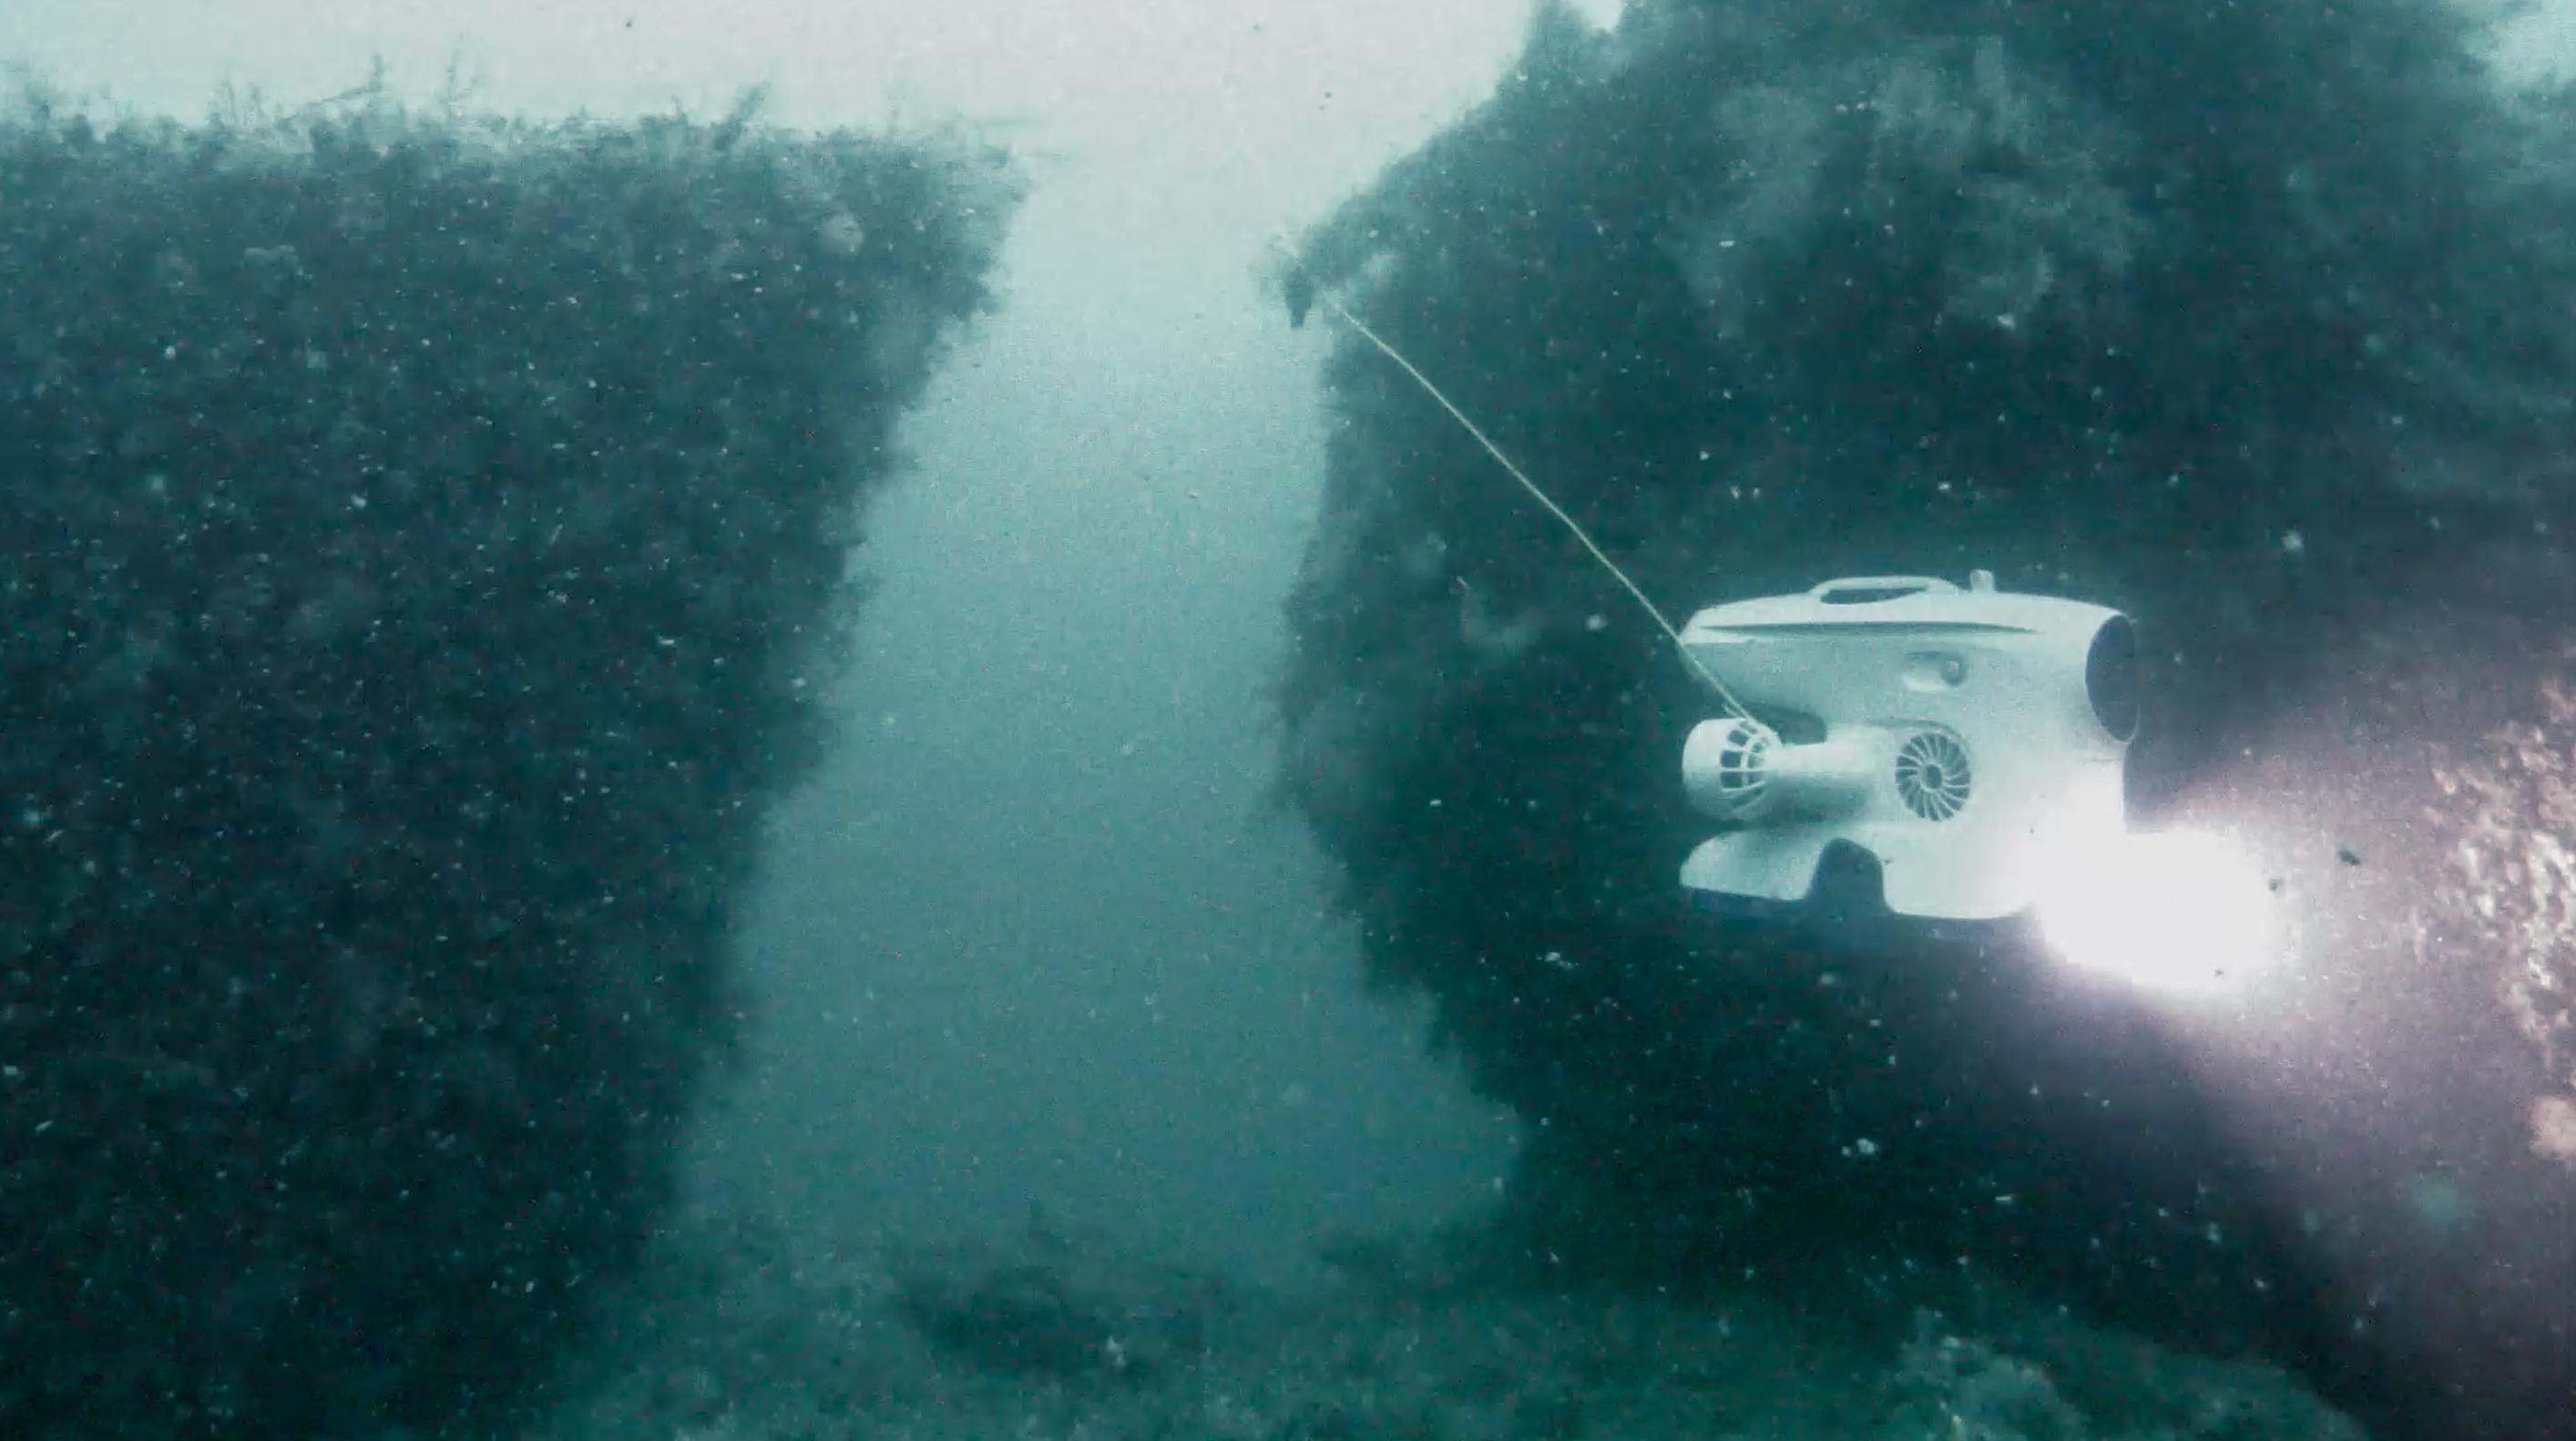 Bilde av vraket Figaro fra undervannsdronen Blueye Pioneer